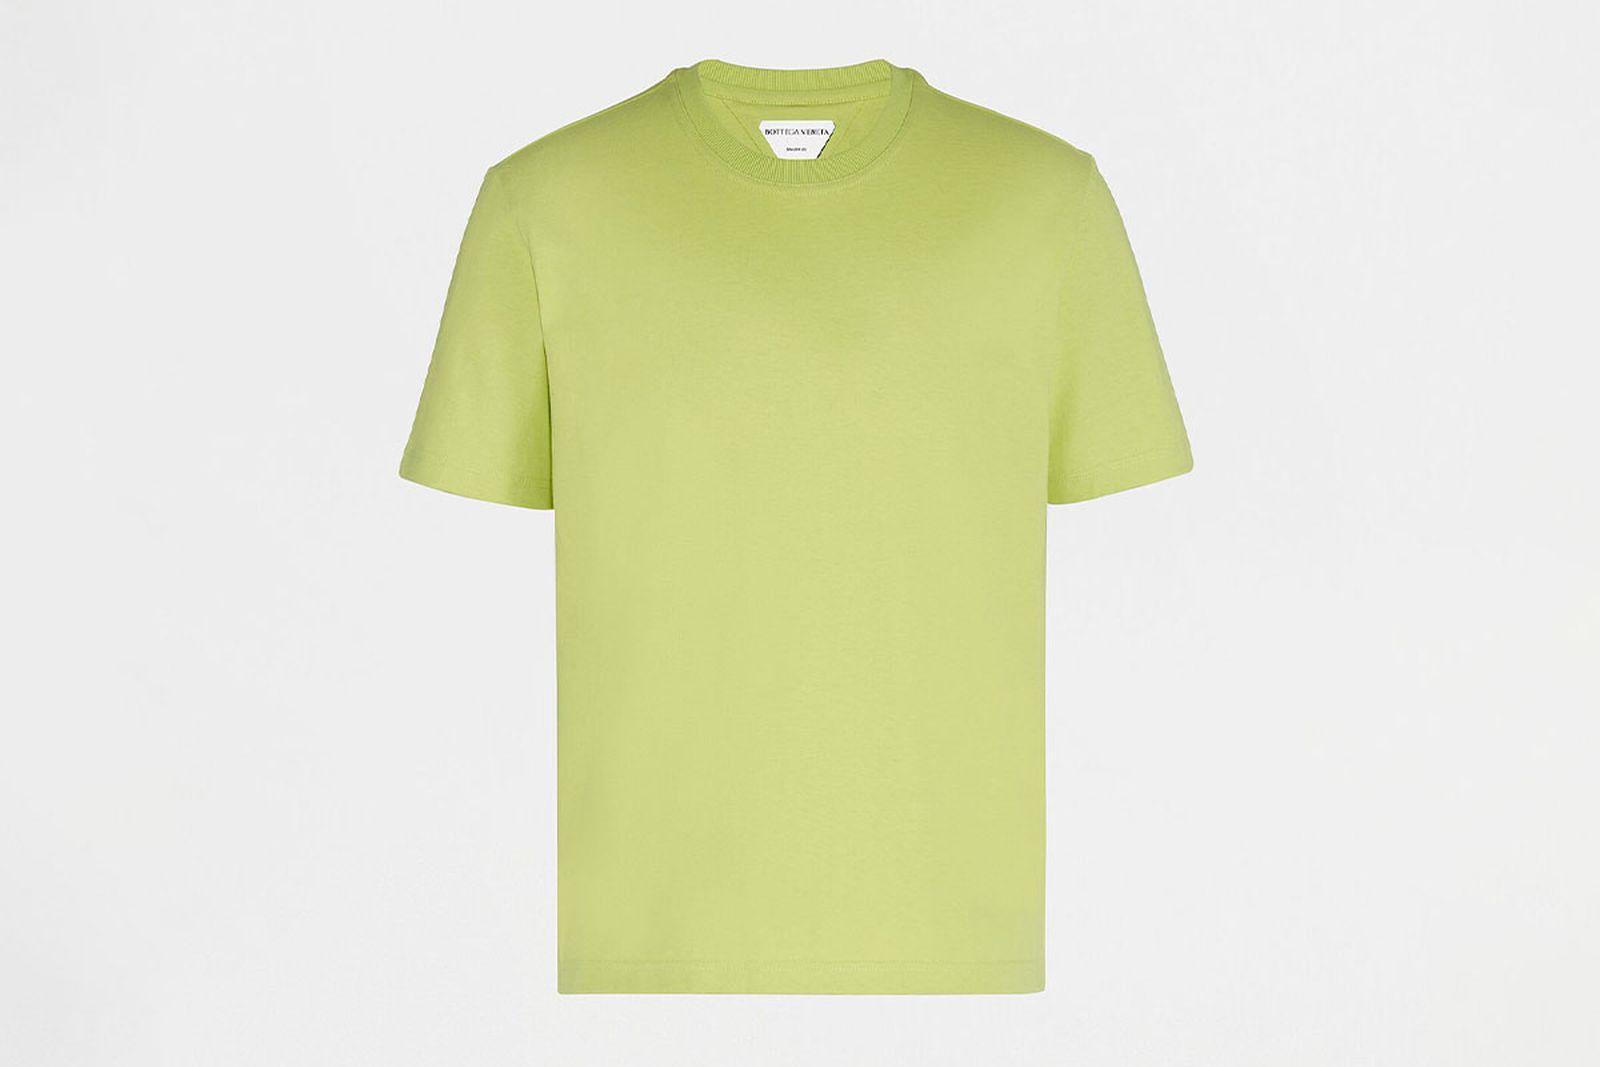 bottega-veneta-plain-t-shirt-03